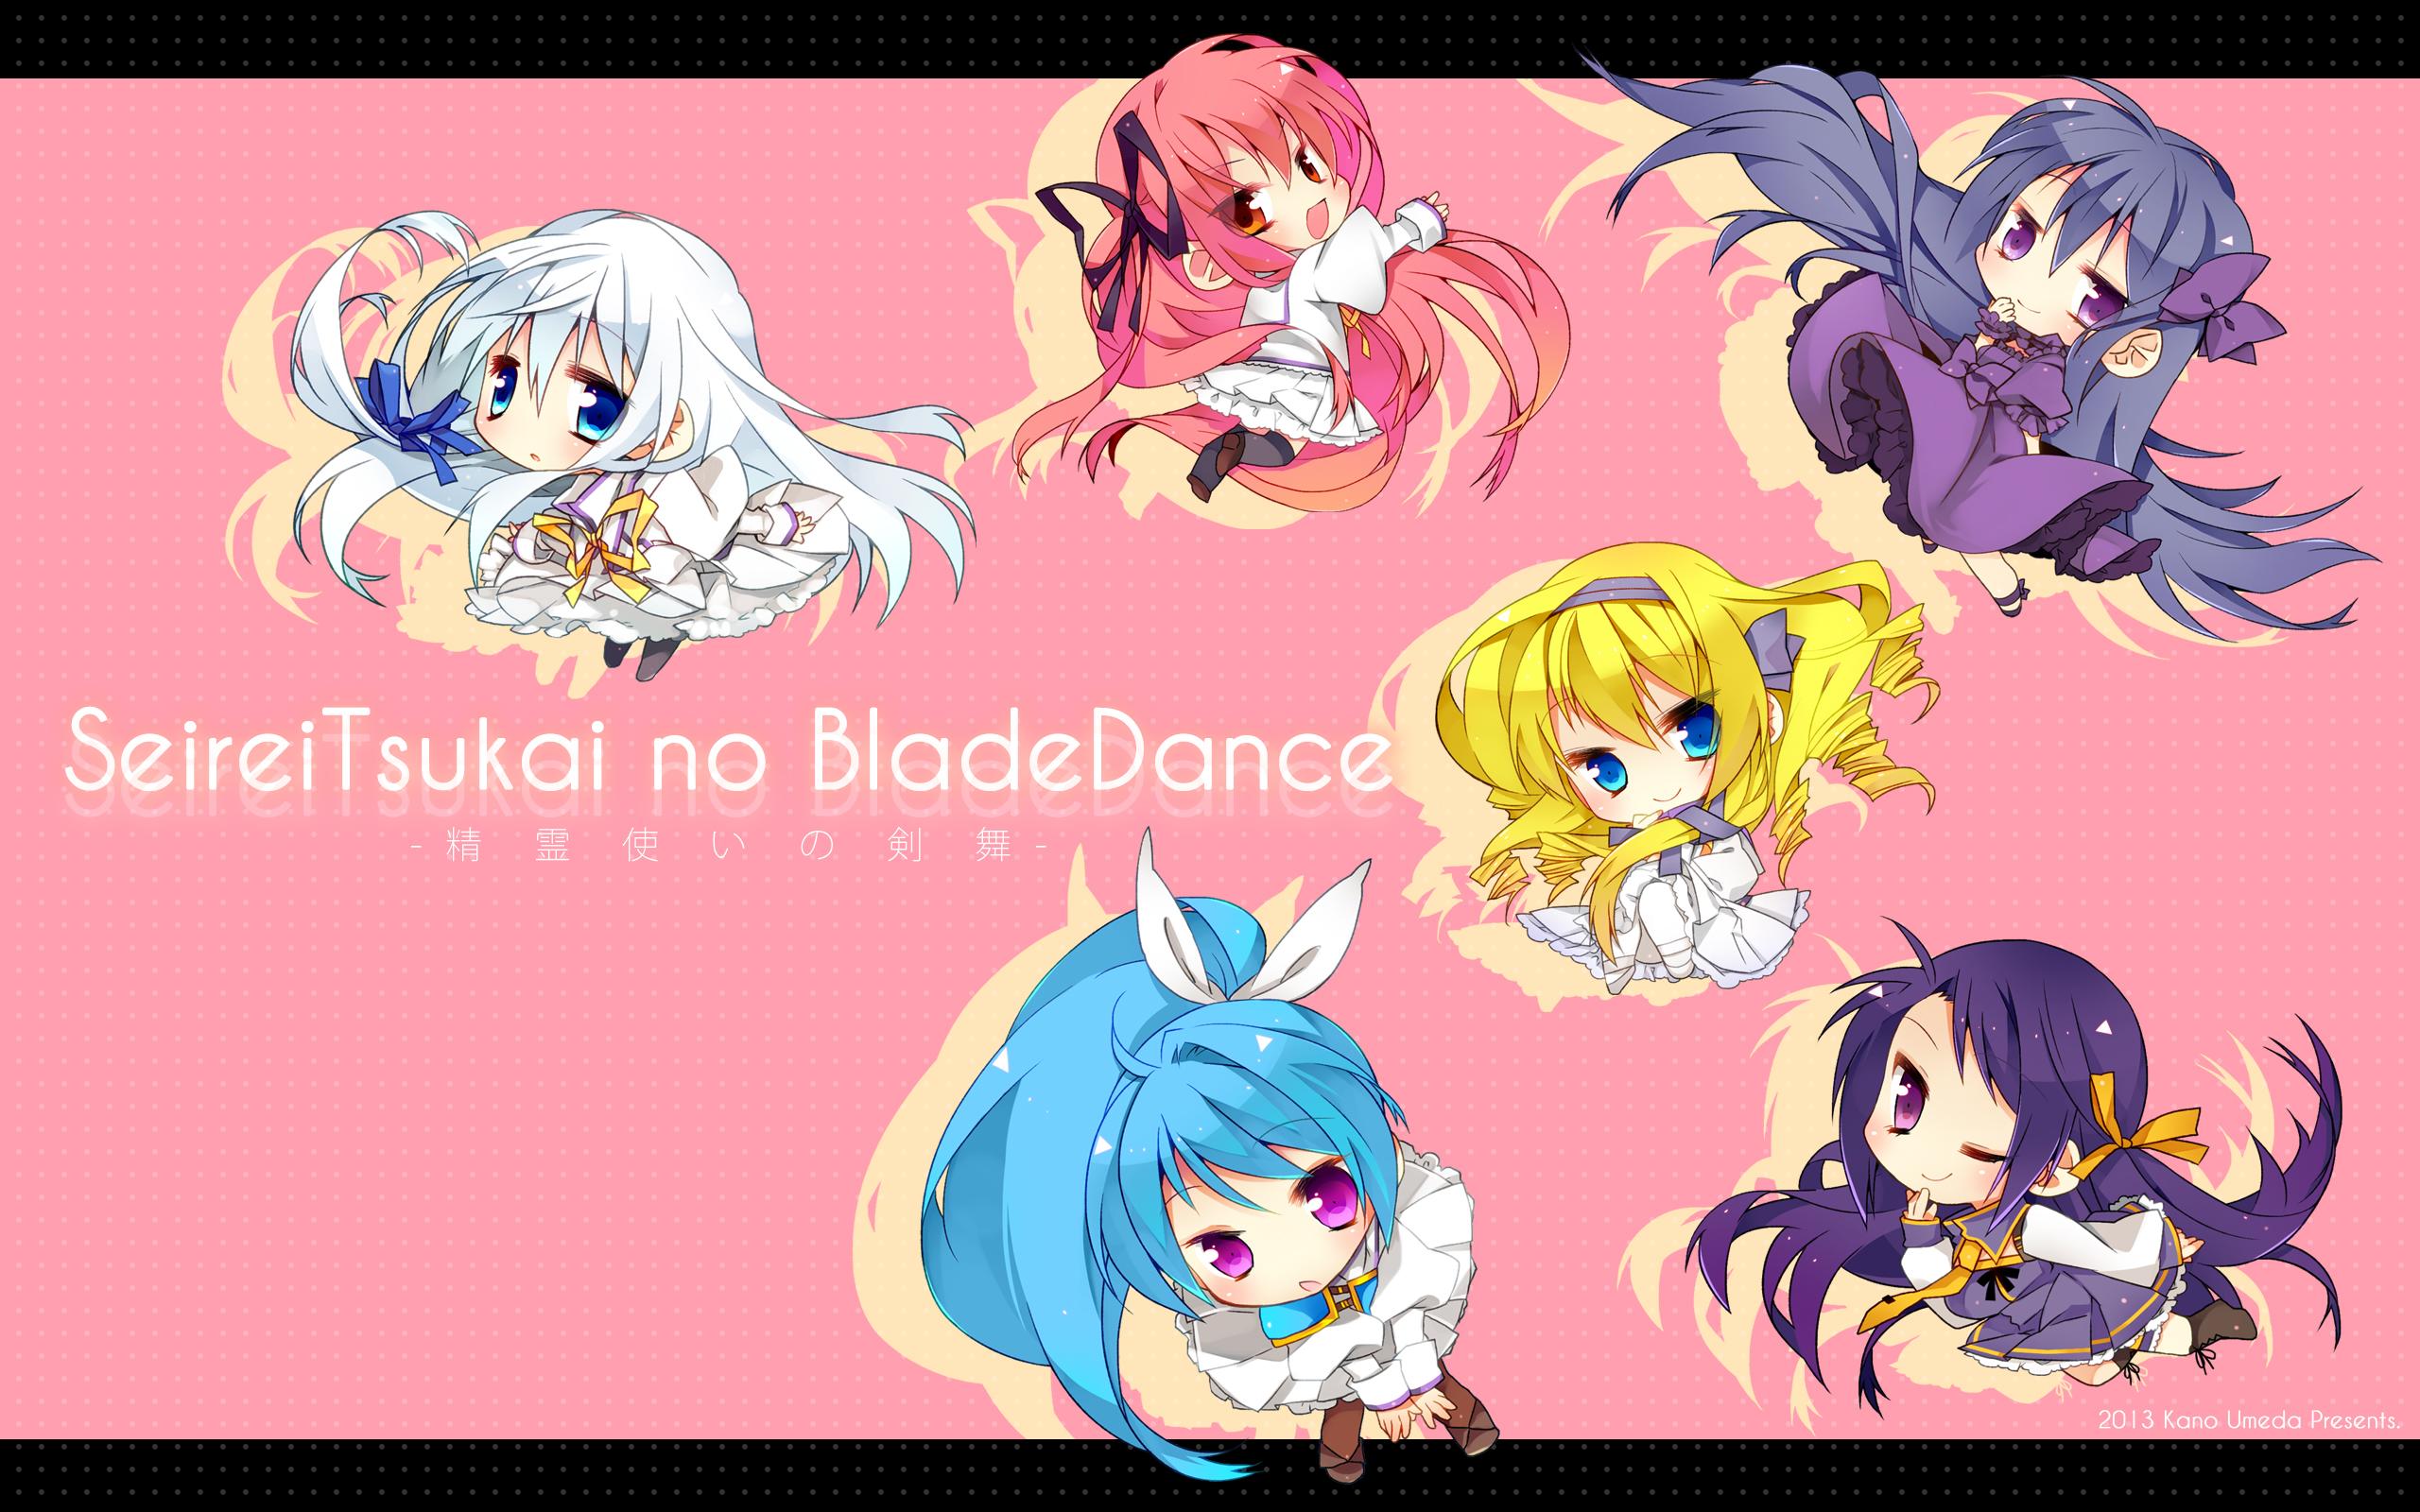 blade dance chibi restia sakura hanpen seifuku terminus est wallpaper 2560x1600